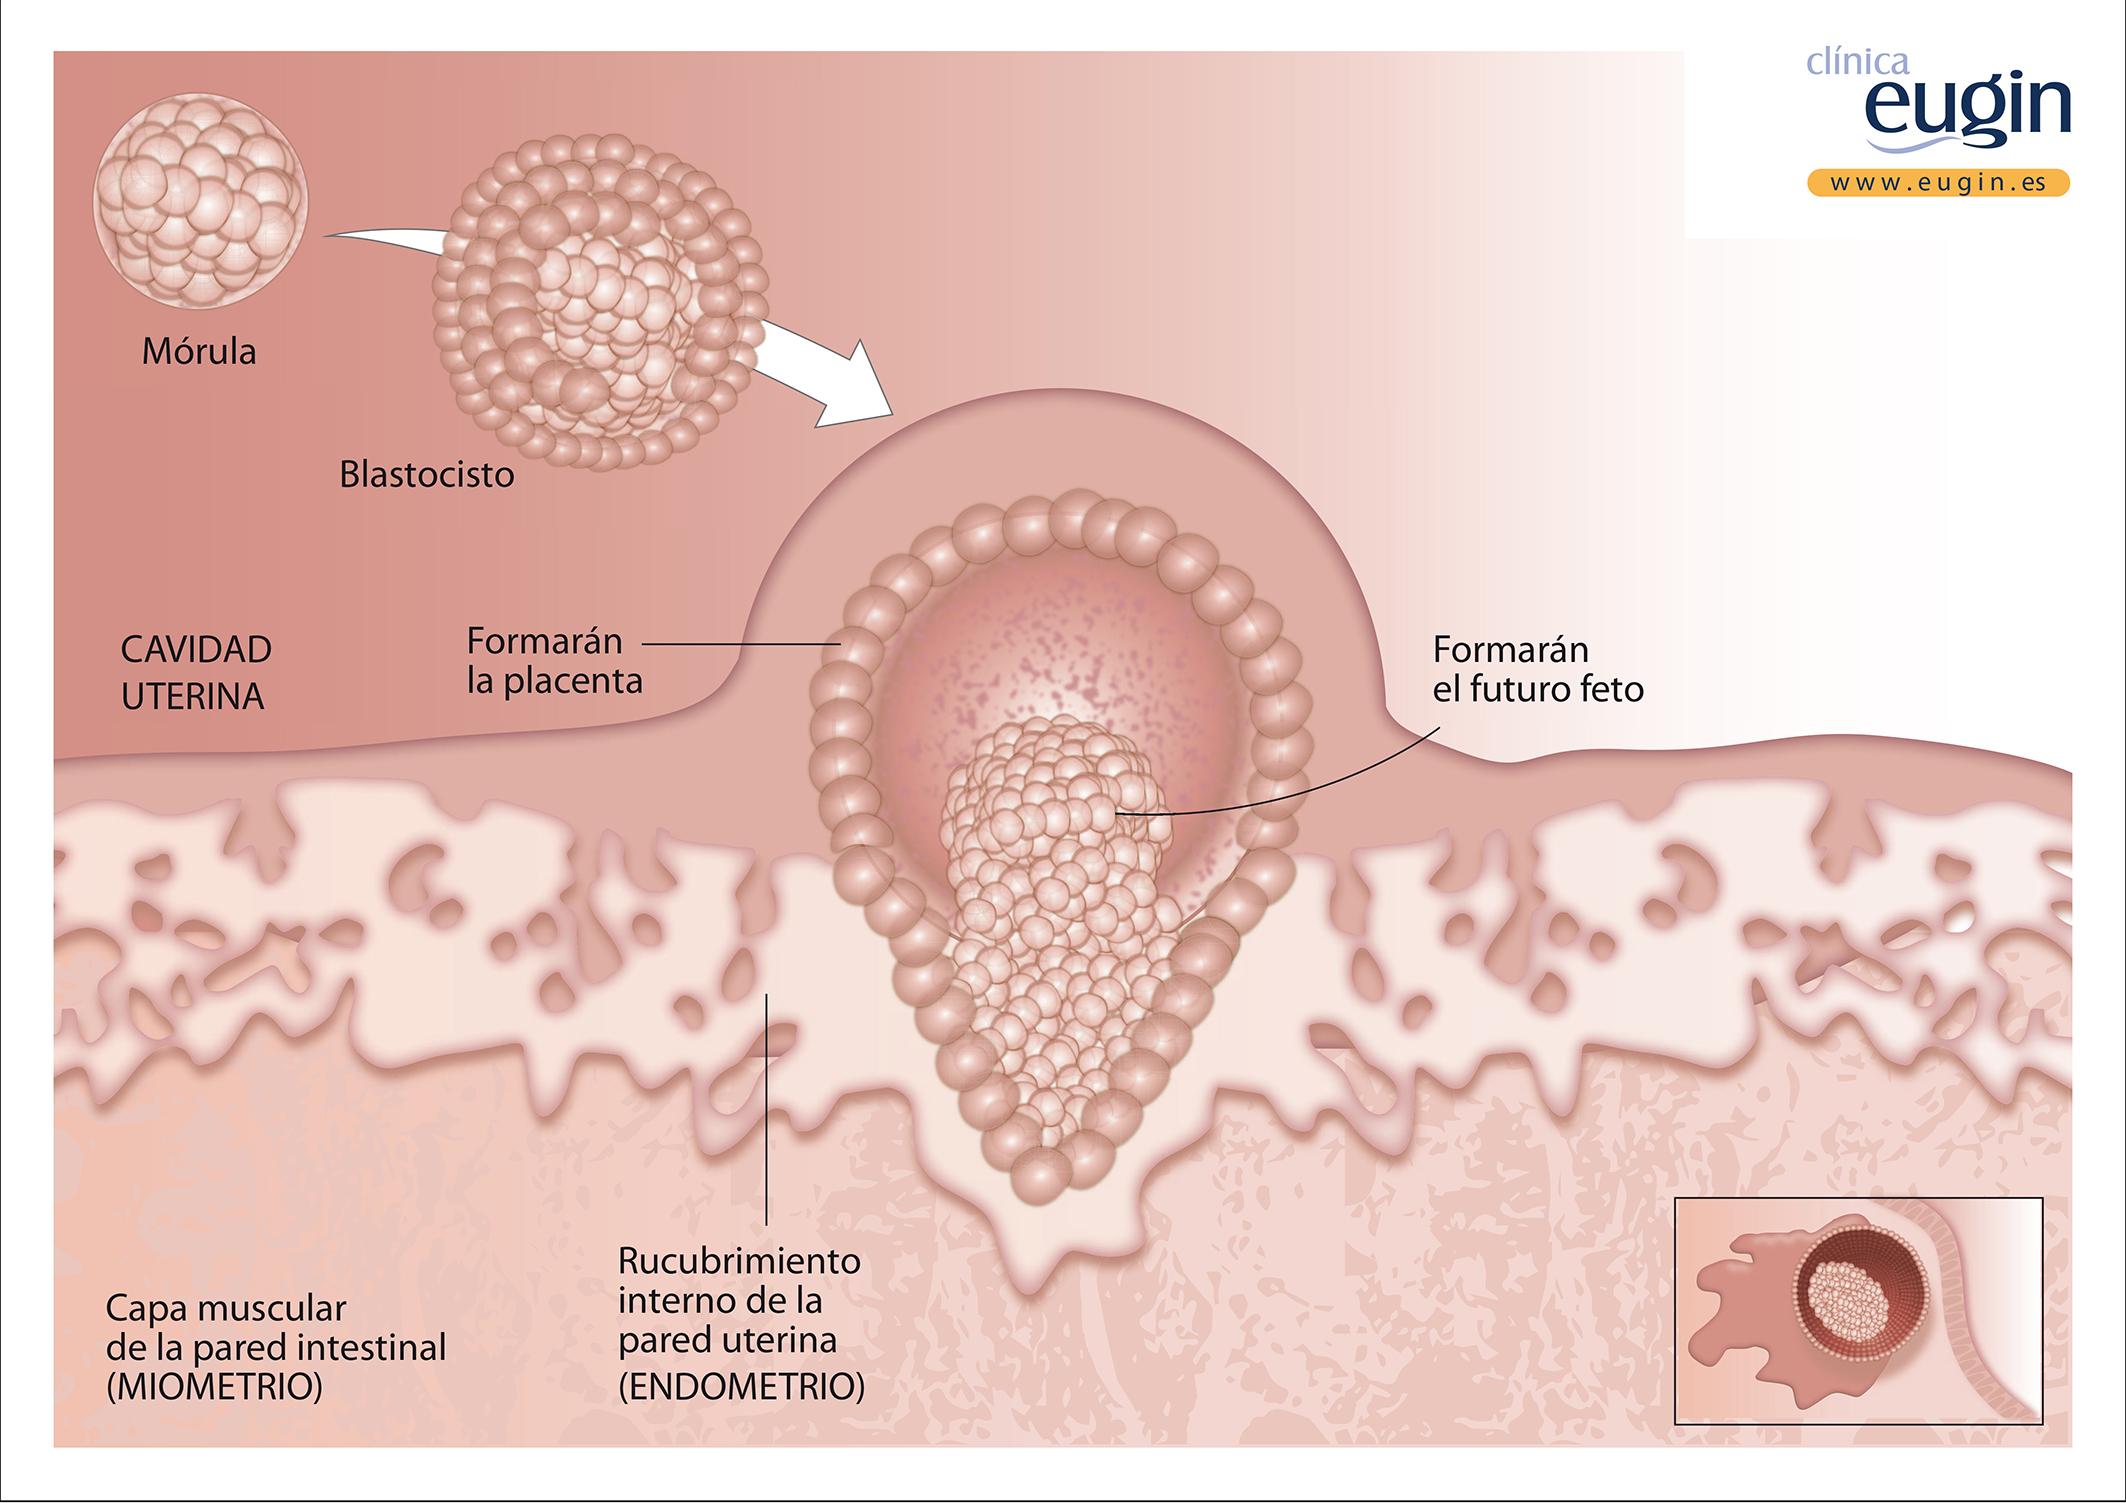 OK Implantación embrión.ai